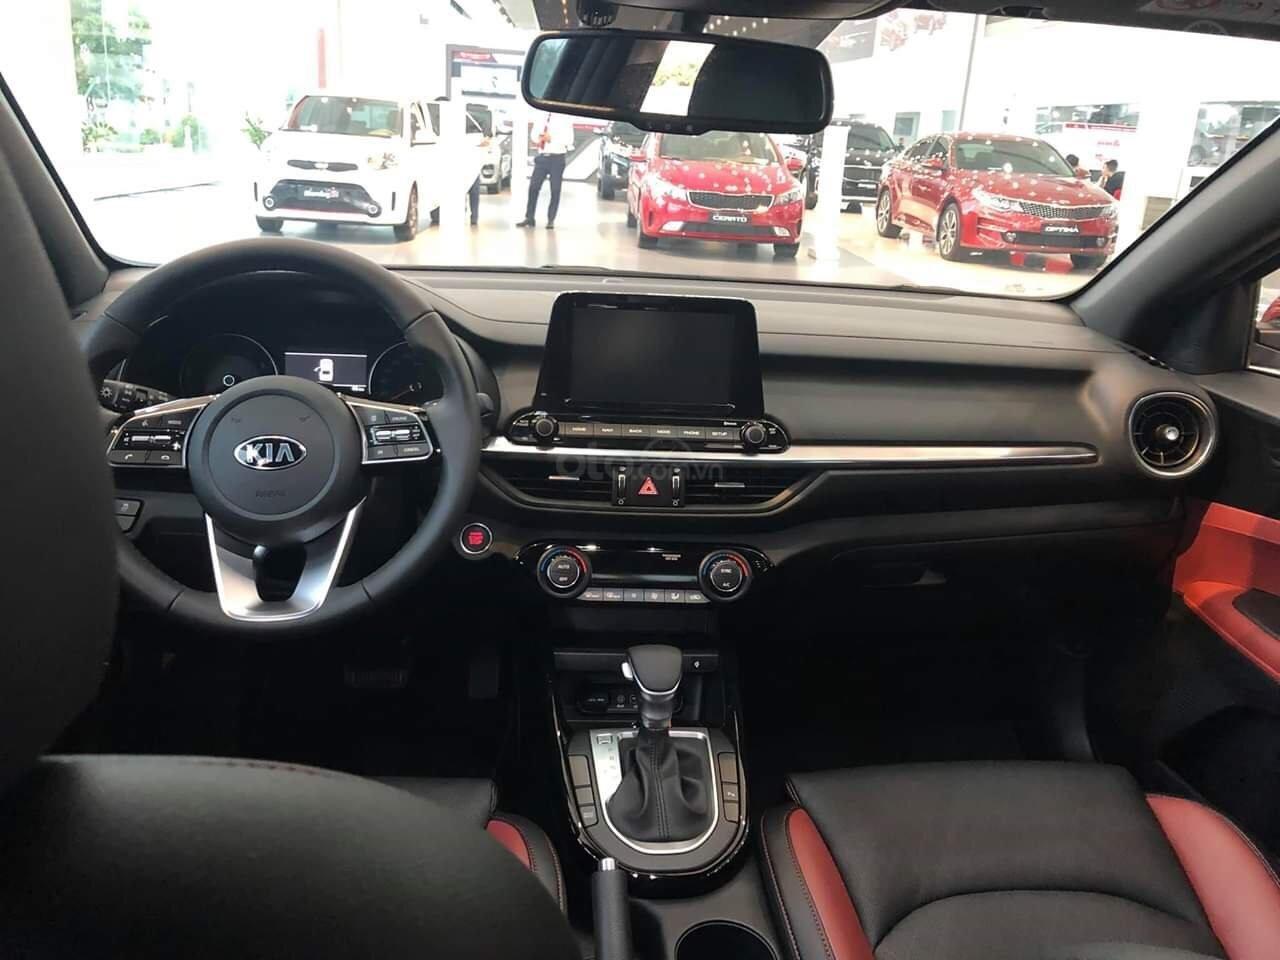 Kia Cerato 2019 giá tốt nhất và ưu đãi tiền mặt, xe có sẵn và giao ngay, hỗ trợ trả góp, liên hệ 0938 807 801 (4)